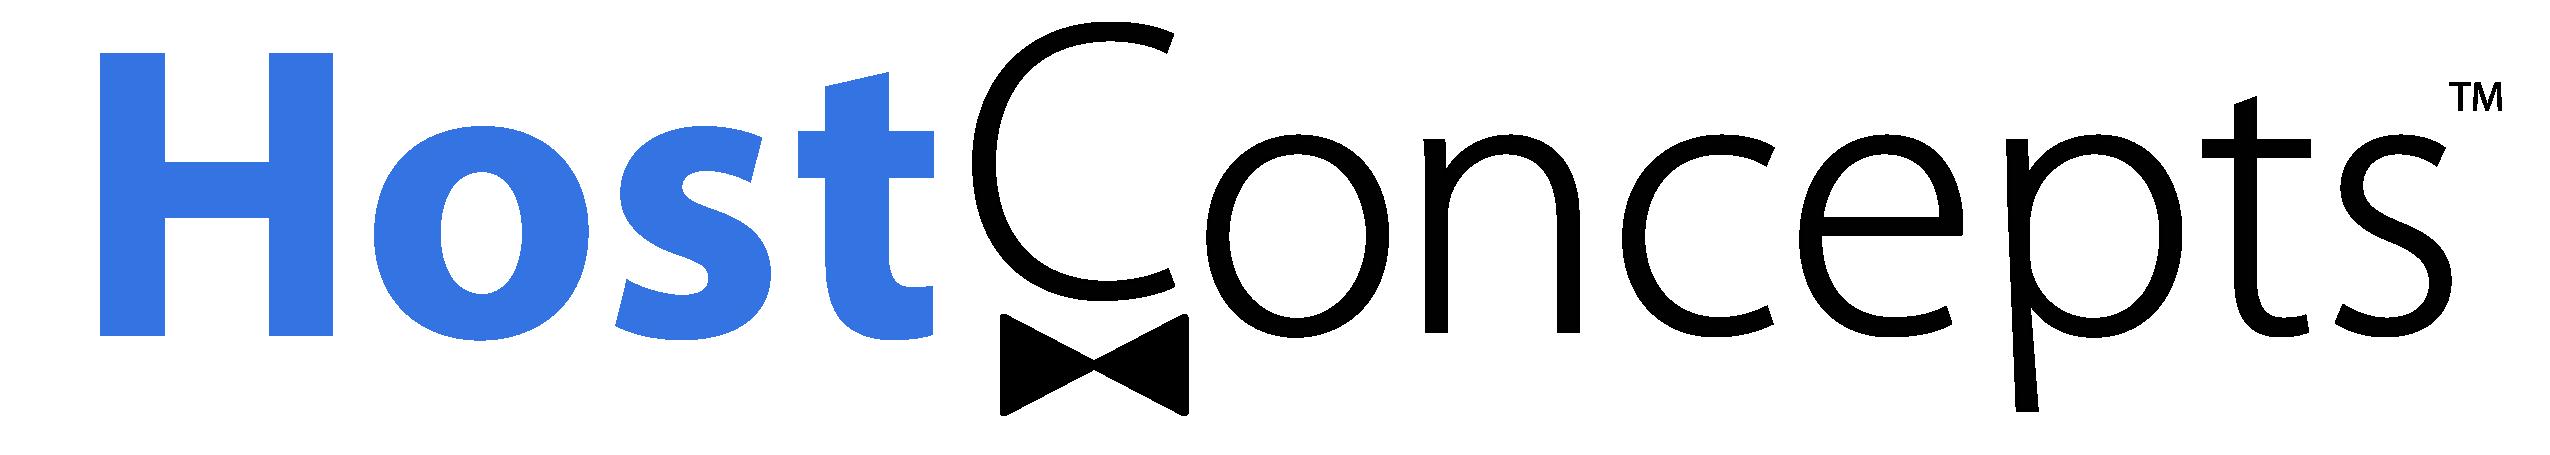 HostConcepts_v9-LOGO-02.png